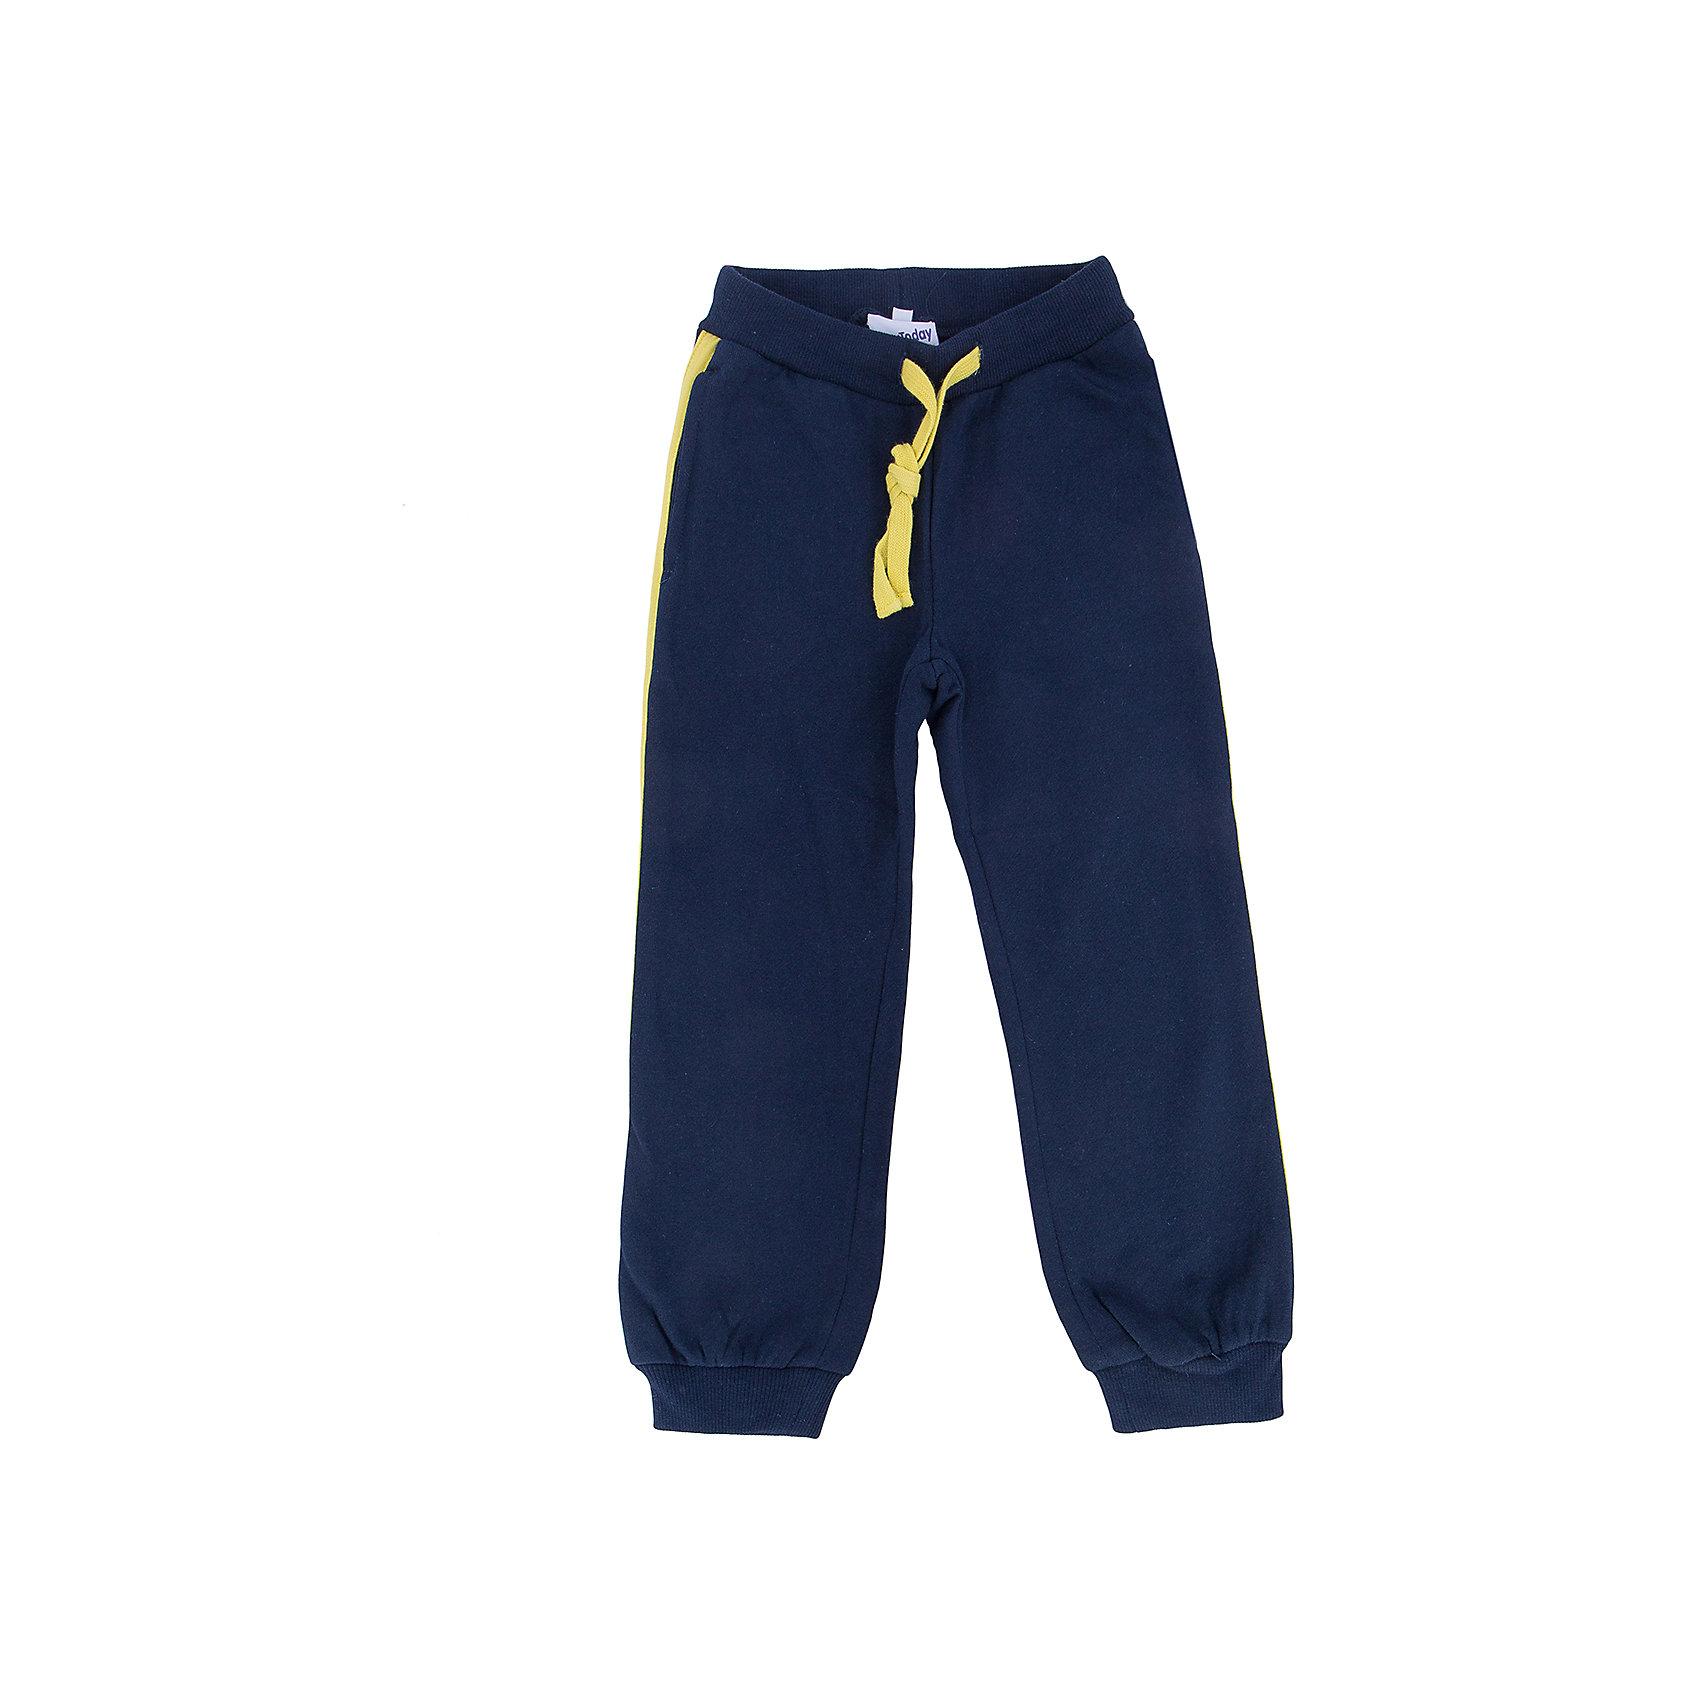 Брюки для мальчика PlayTodayБрюки для мальчика от известного бренда PlayToday.<br>Уютные спортивные брюки из футера с начесом. По бокам яркие лампасы и два функциональных кармана. Пояс на резинке, дополнительно регулируется шнурком. Низ штанишек на мягкой трикотажной резинке.<br>Состав:<br>80% хлопок, 20% полиэстер<br><br>Ширина мм: 215<br>Глубина мм: 88<br>Высота мм: 191<br>Вес г: 336<br>Цвет: разноцветный<br>Возраст от месяцев: 72<br>Возраст до месяцев: 84<br>Пол: Мужской<br>Возраст: Детский<br>Размер: 122,104,128,110,116,98<br>SKU: 4896628